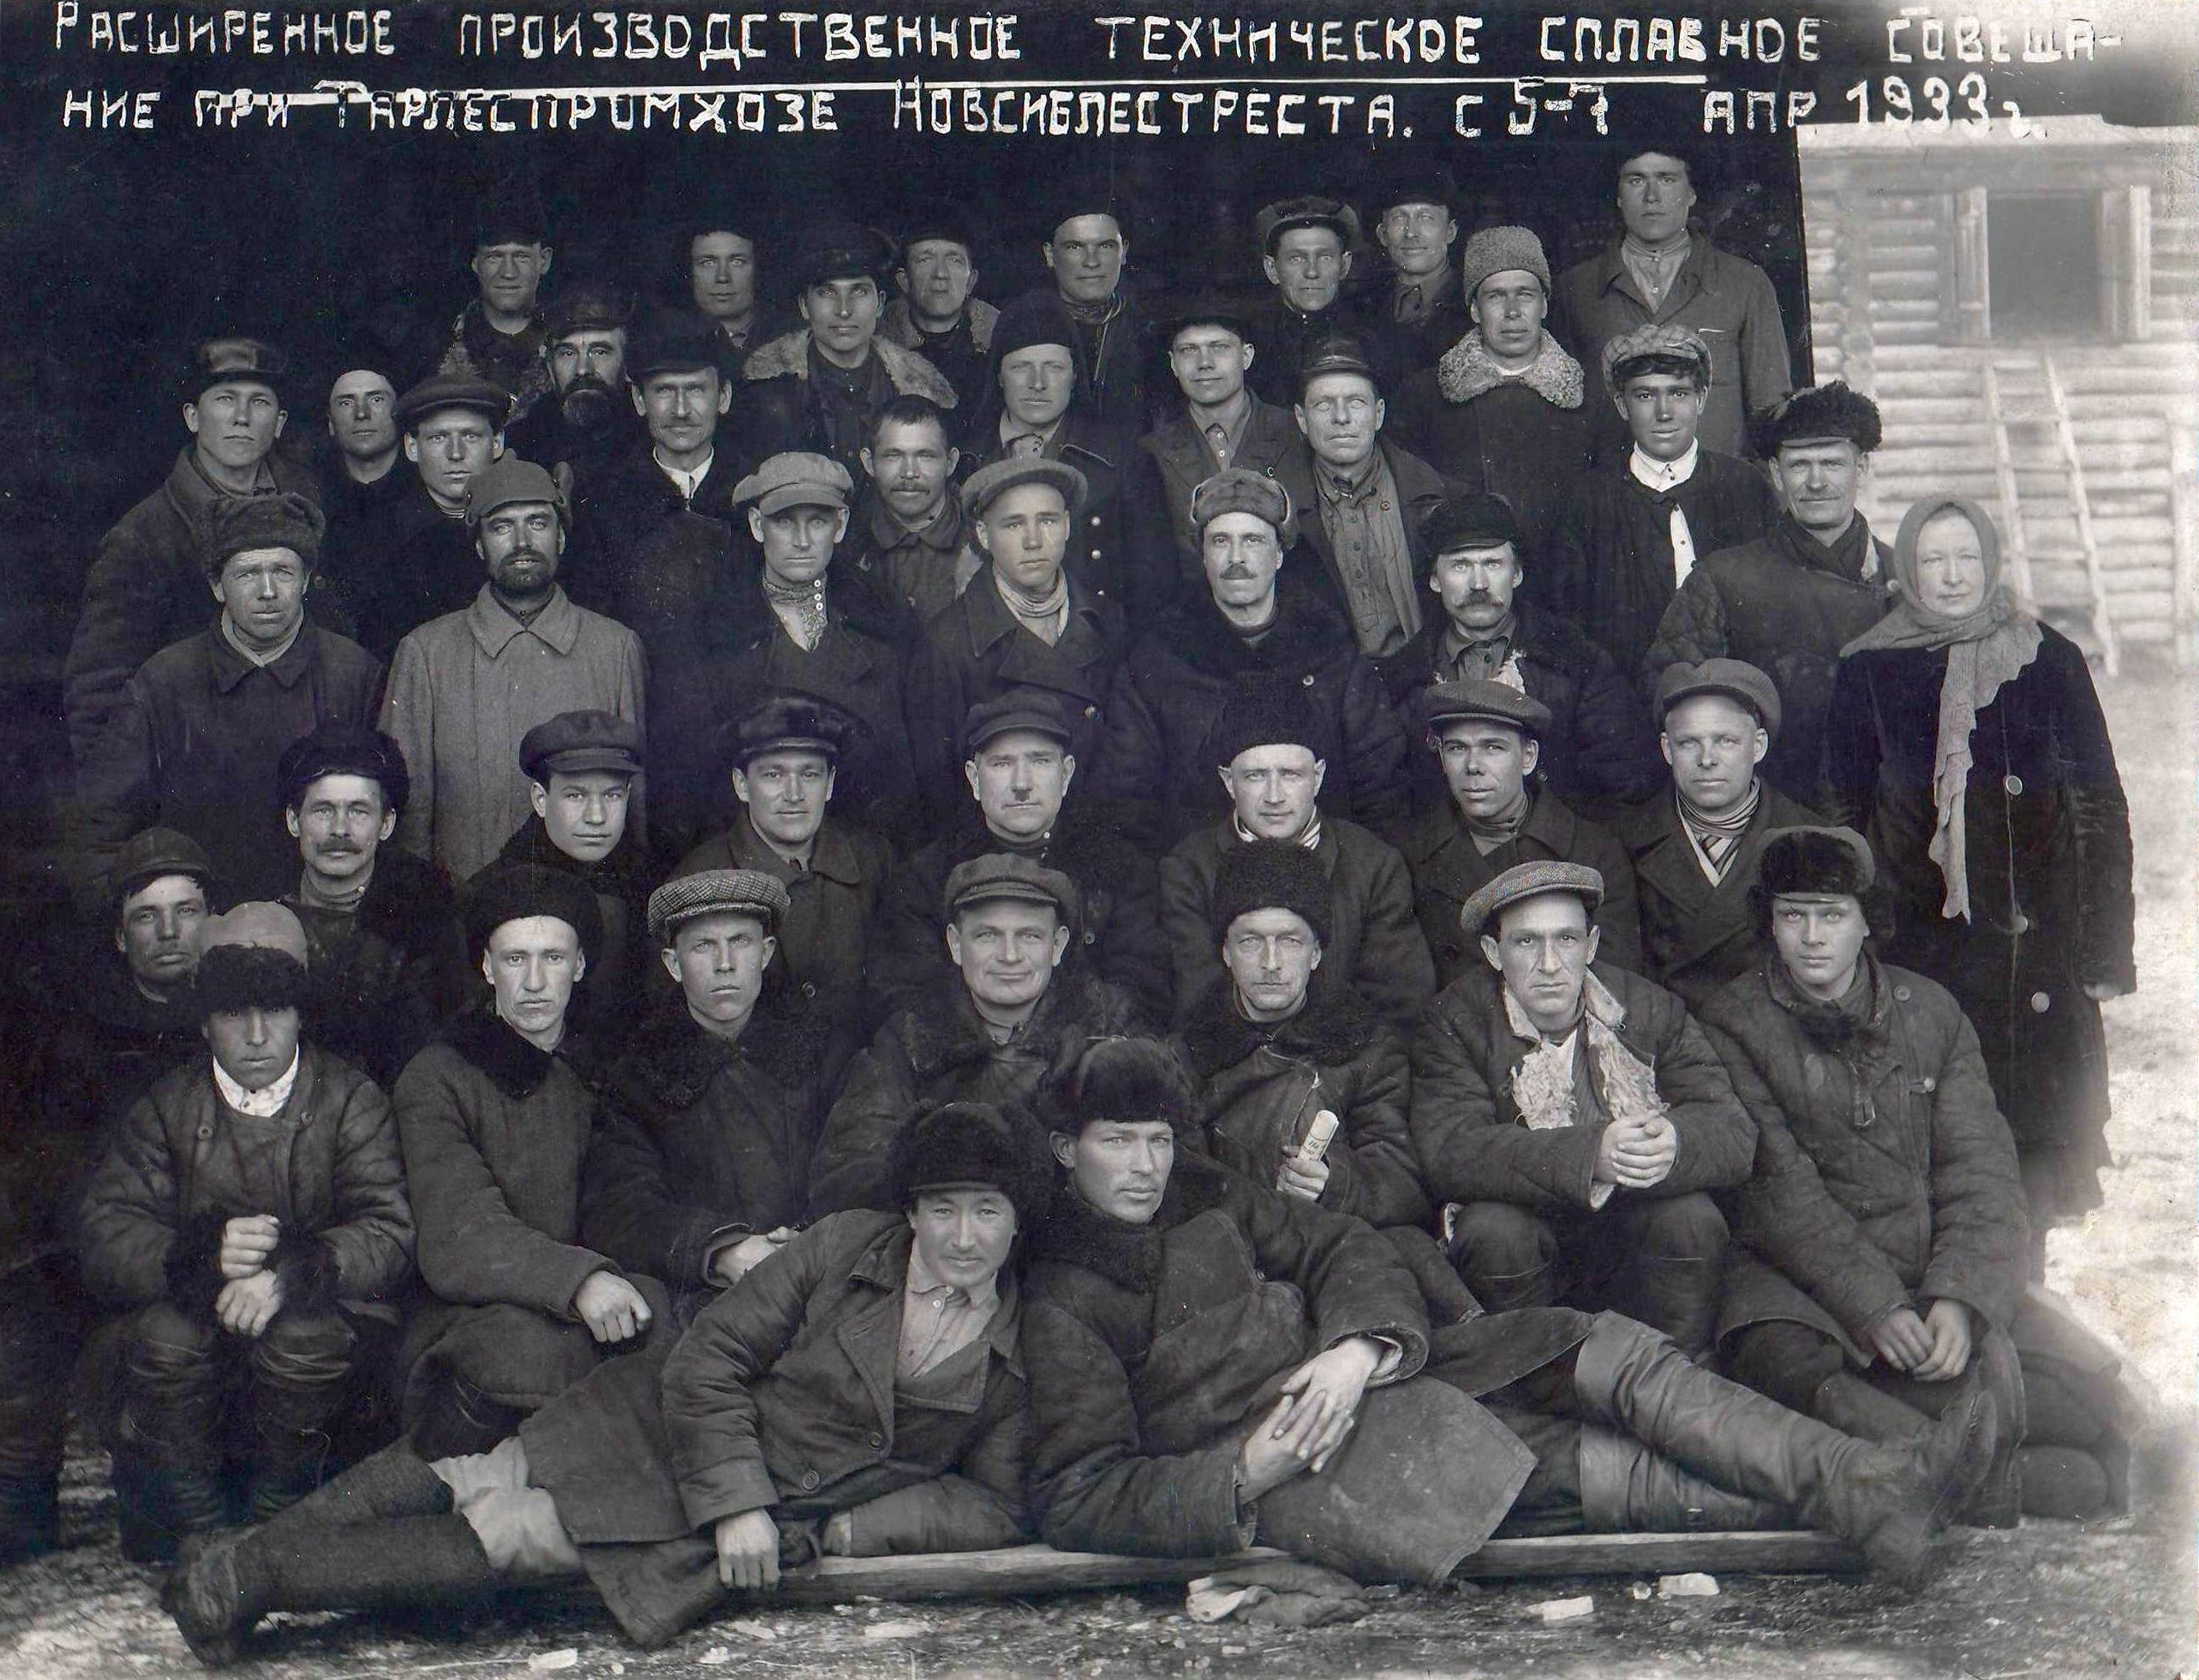 1933. Расширенное производственное техническое сплавное совещание при Тарлеспромхозе Новсиблестреста. 3-7 апреля